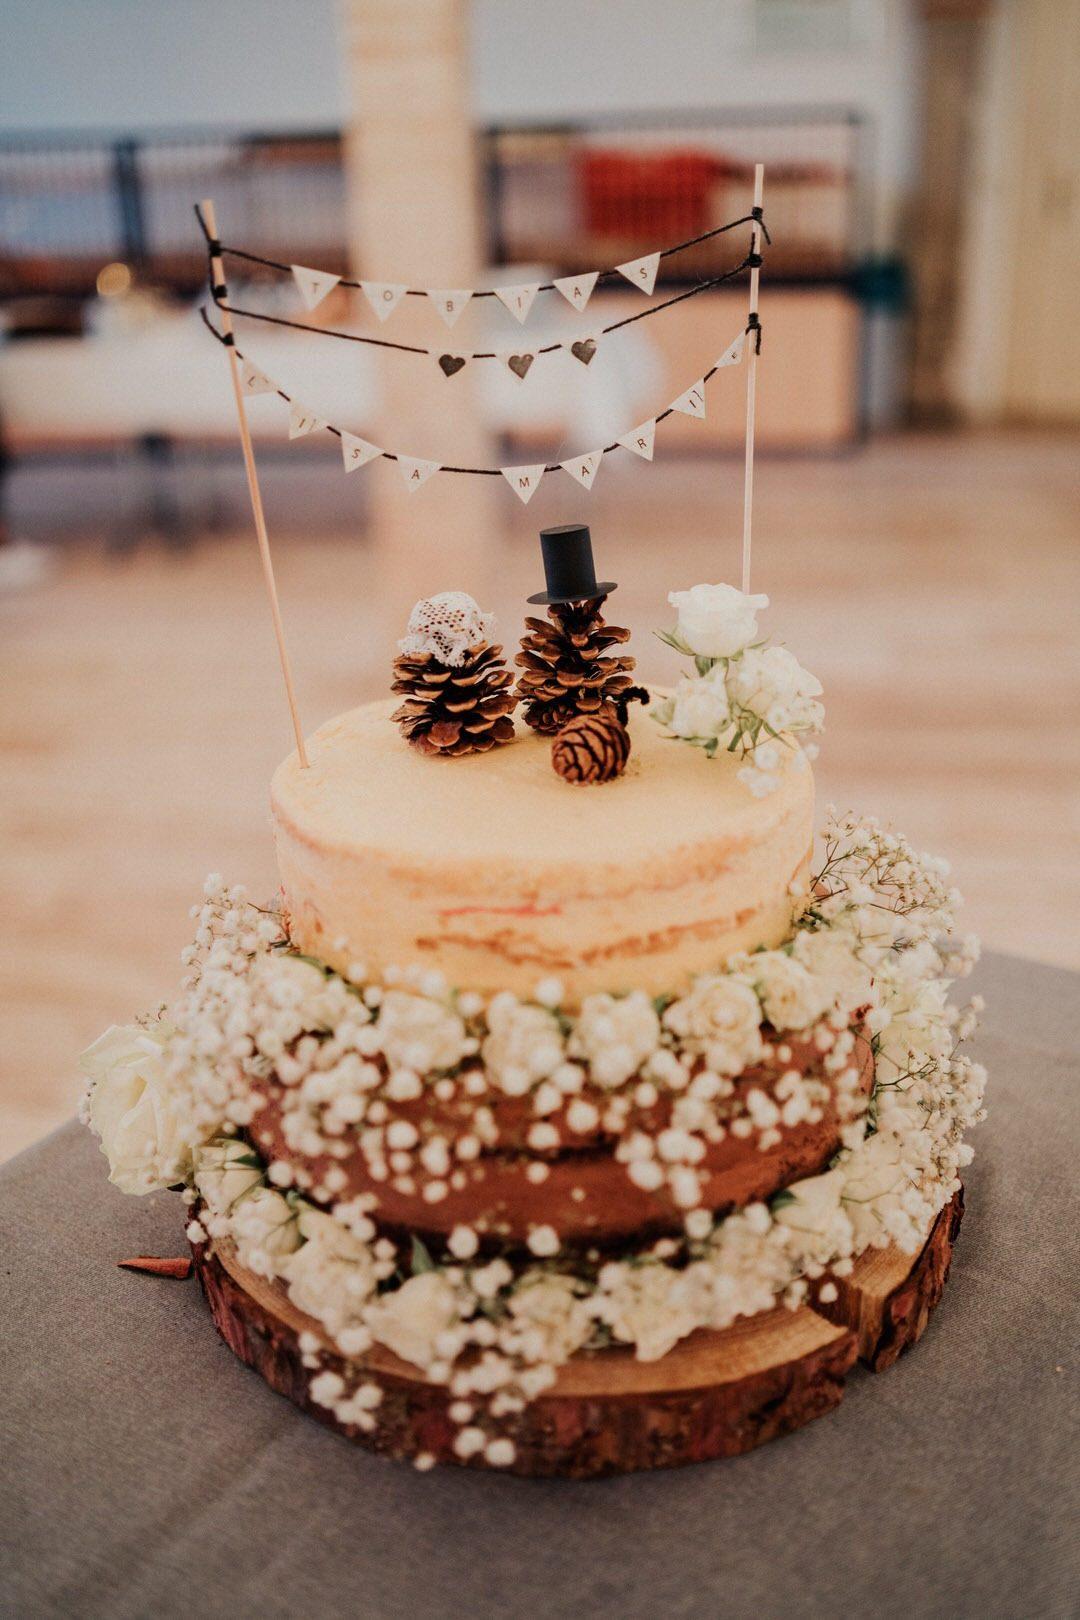 Ideen für Hochzeitstorten im Winter für Winterhochzeiten in Deutschland